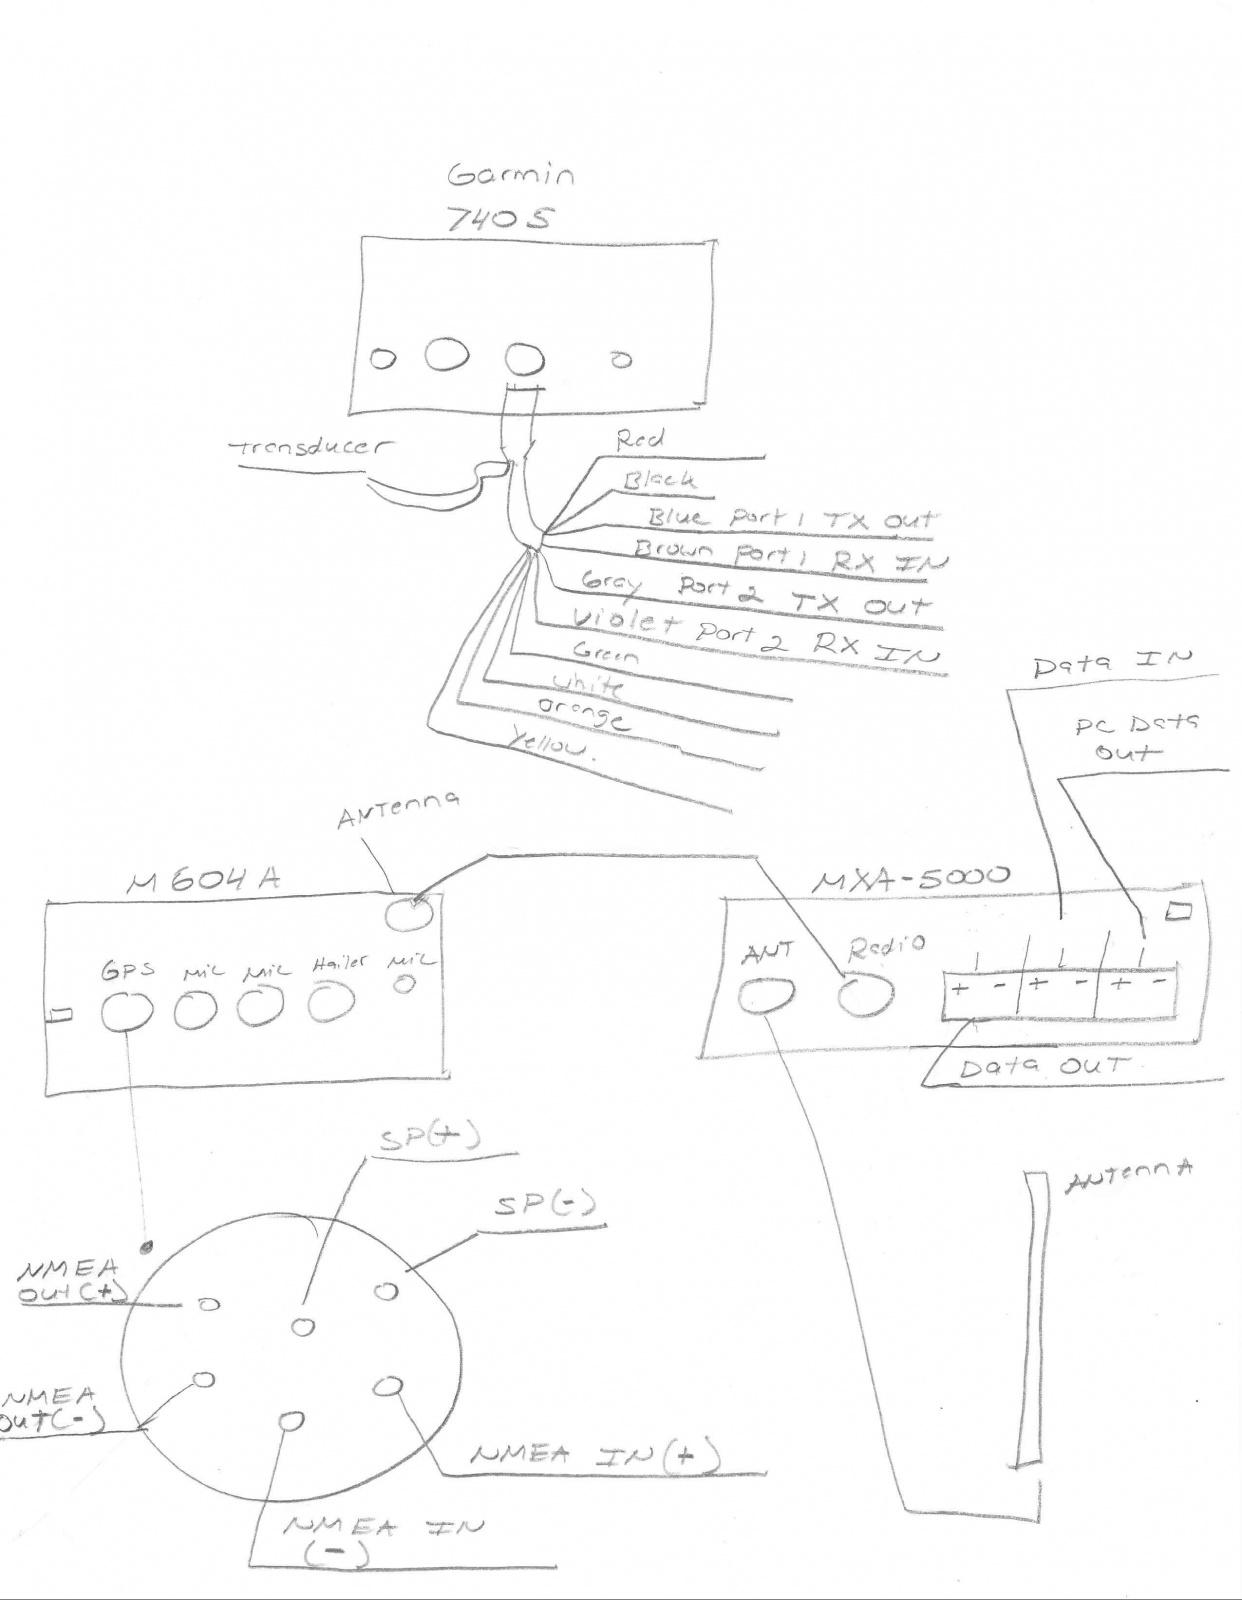 Wiring icom ic-m604a vhf, mxa-5000 ais, Garmin 740s